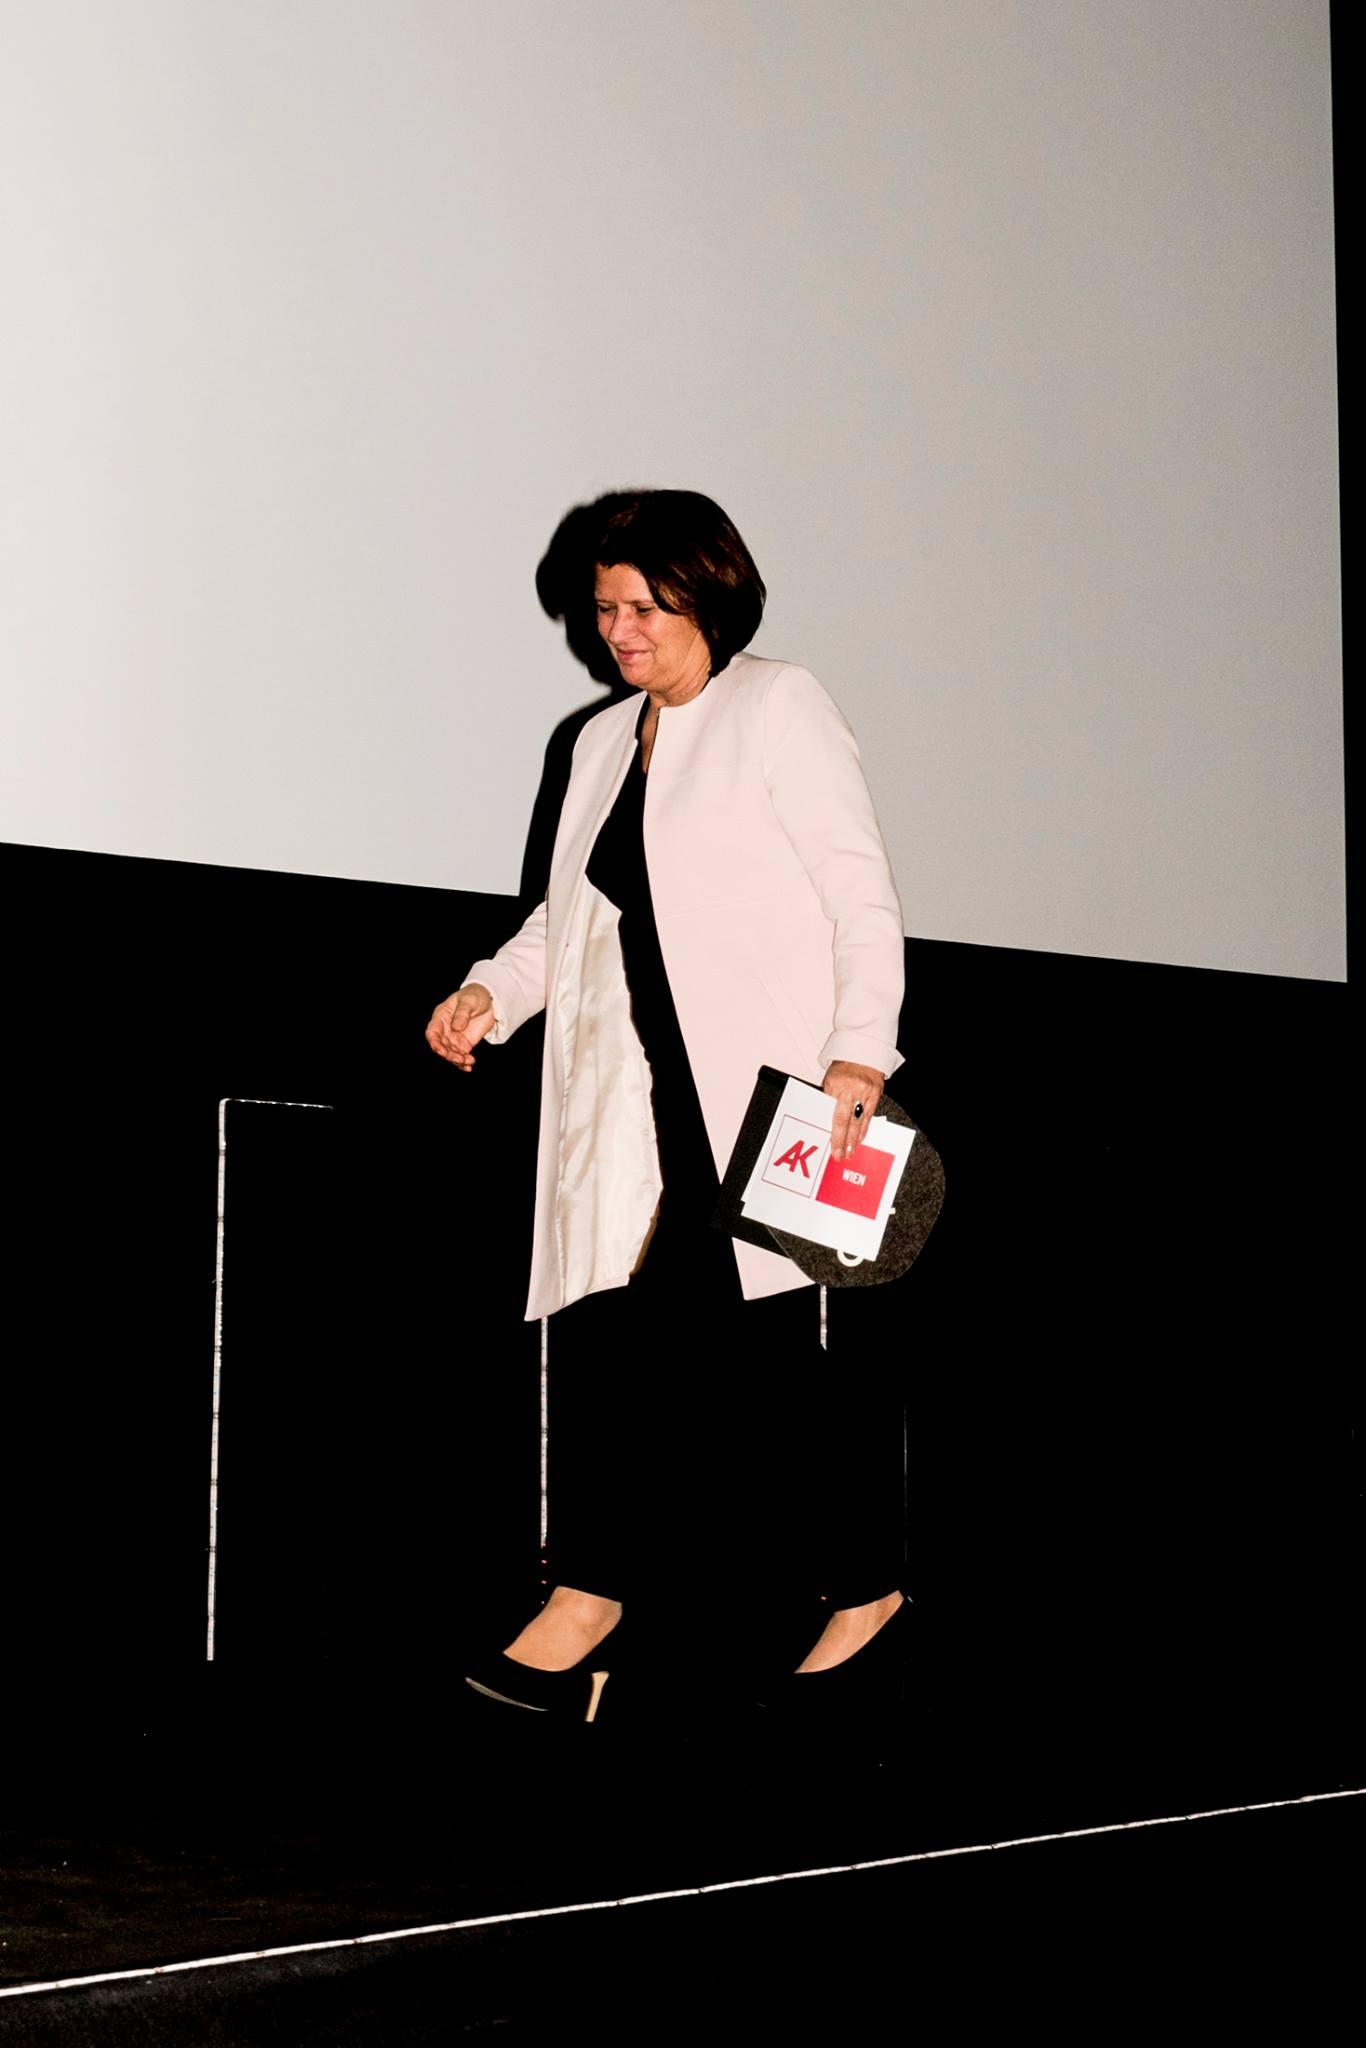 Präsidentin der Arbeiterkammer Renate Anderl  (Sponsoring Louise-Fleck-Preis)